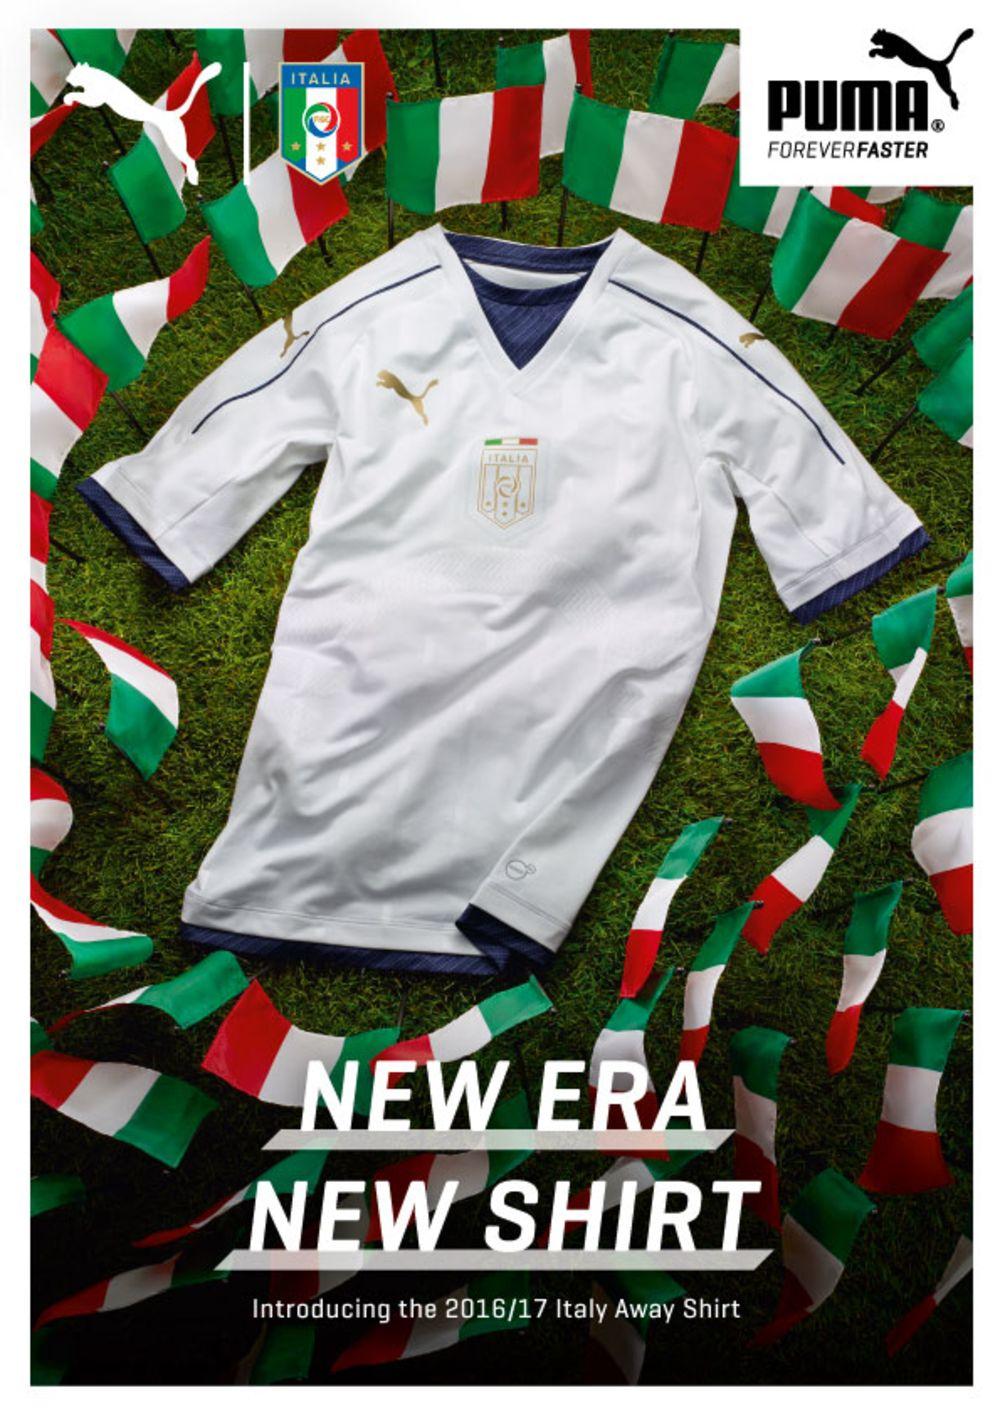 7cafc4970 PUMA e FIGC Federazione Italiana Gioco Calcio hanno rivelato ieri il design  della nuova maglia da trasferta della Nazionale Italiana, che farà il suo  ...